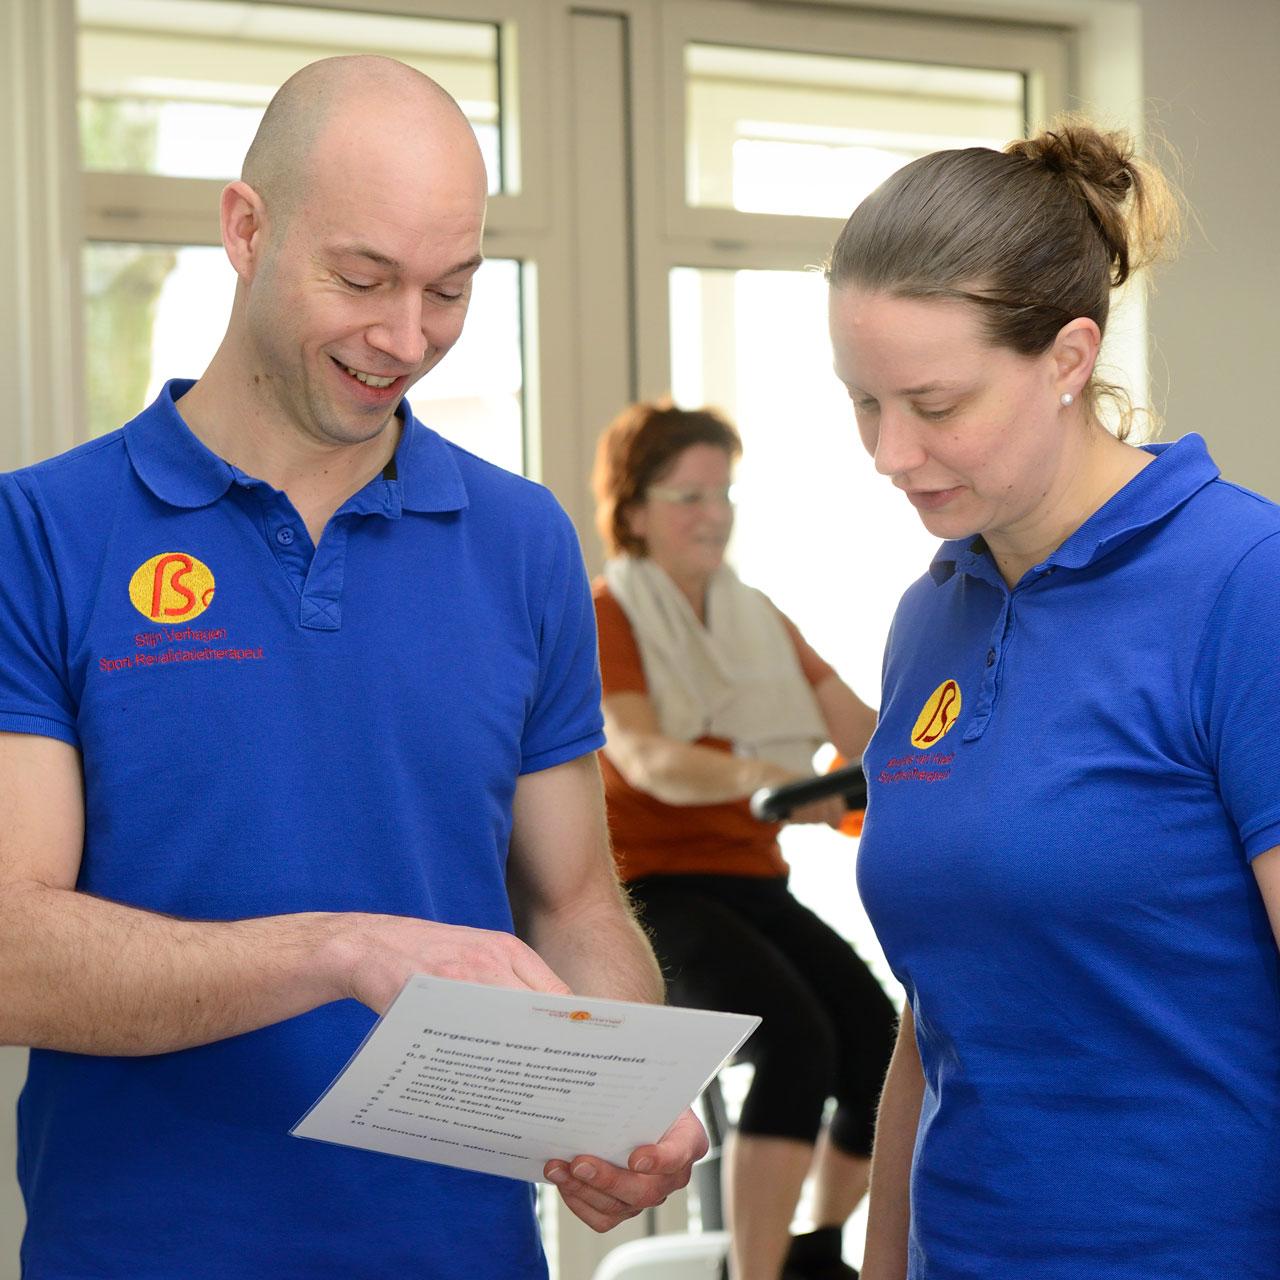 Fysiotherapie | Fysiotherapie van Bommel in Vlijmen en Drunen